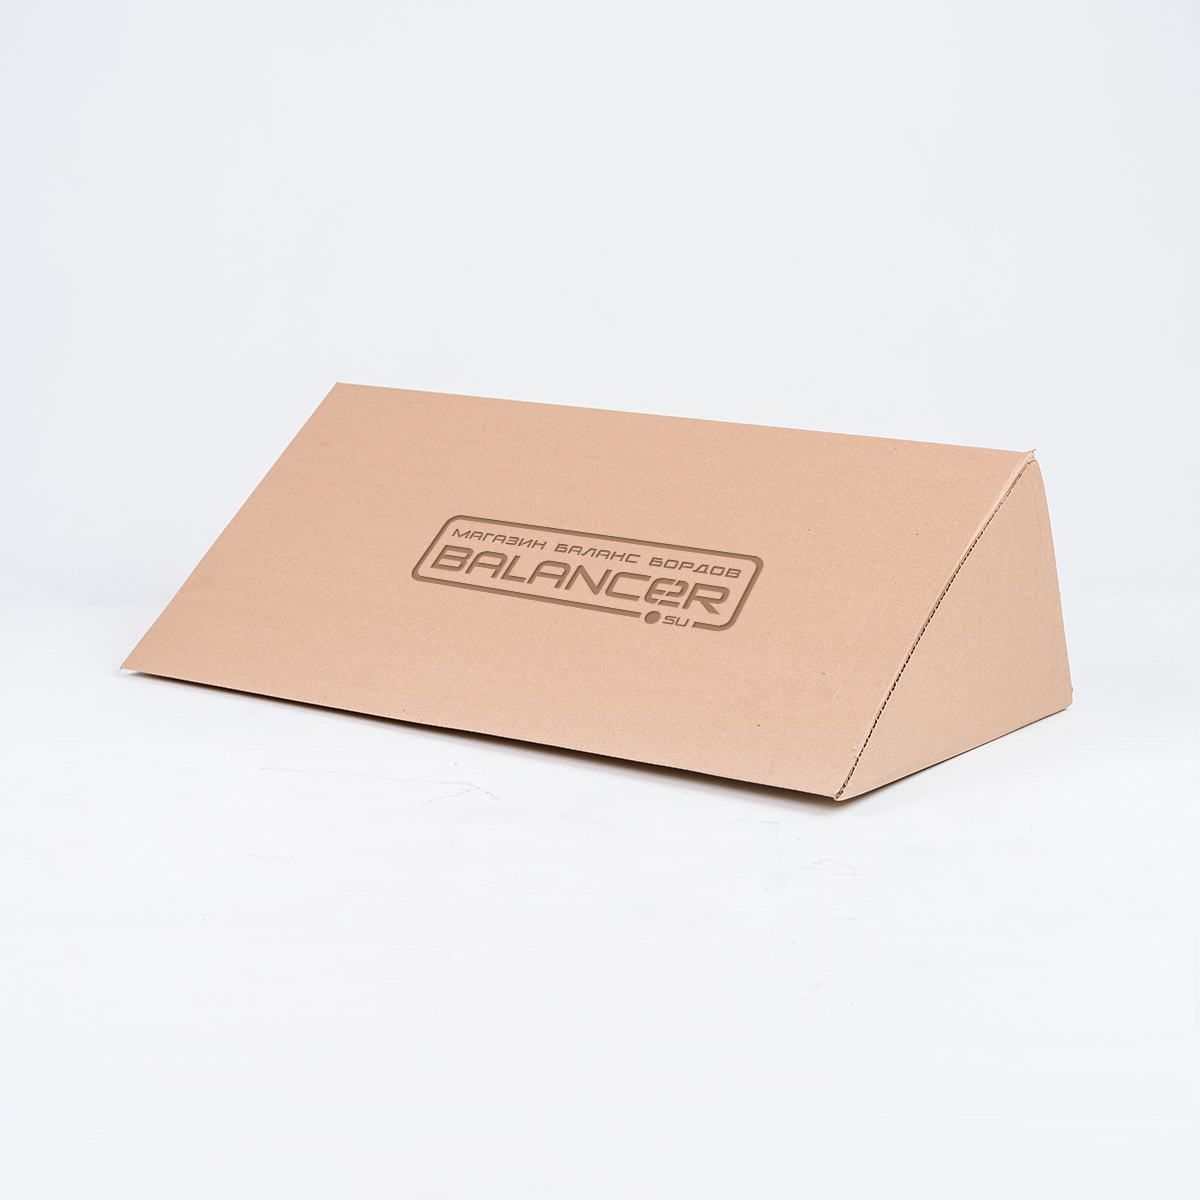 коробка от балансборда